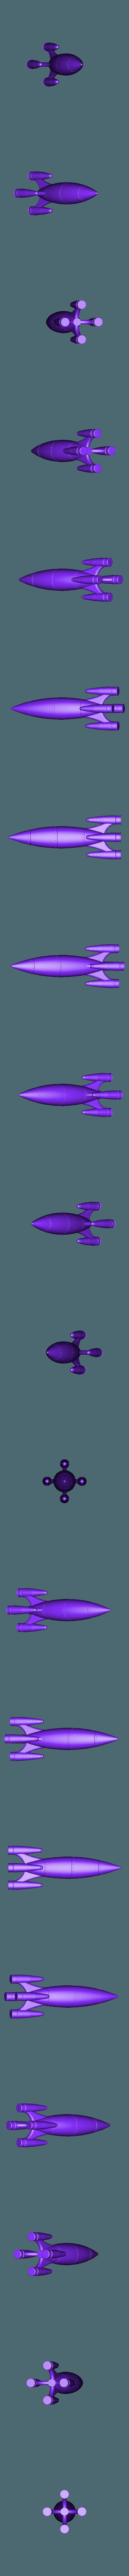 Red_Rocket.stl Télécharger fichier STL gratuit Red Rocket [Fallout 4] • Design imprimable en 3D, Piggie